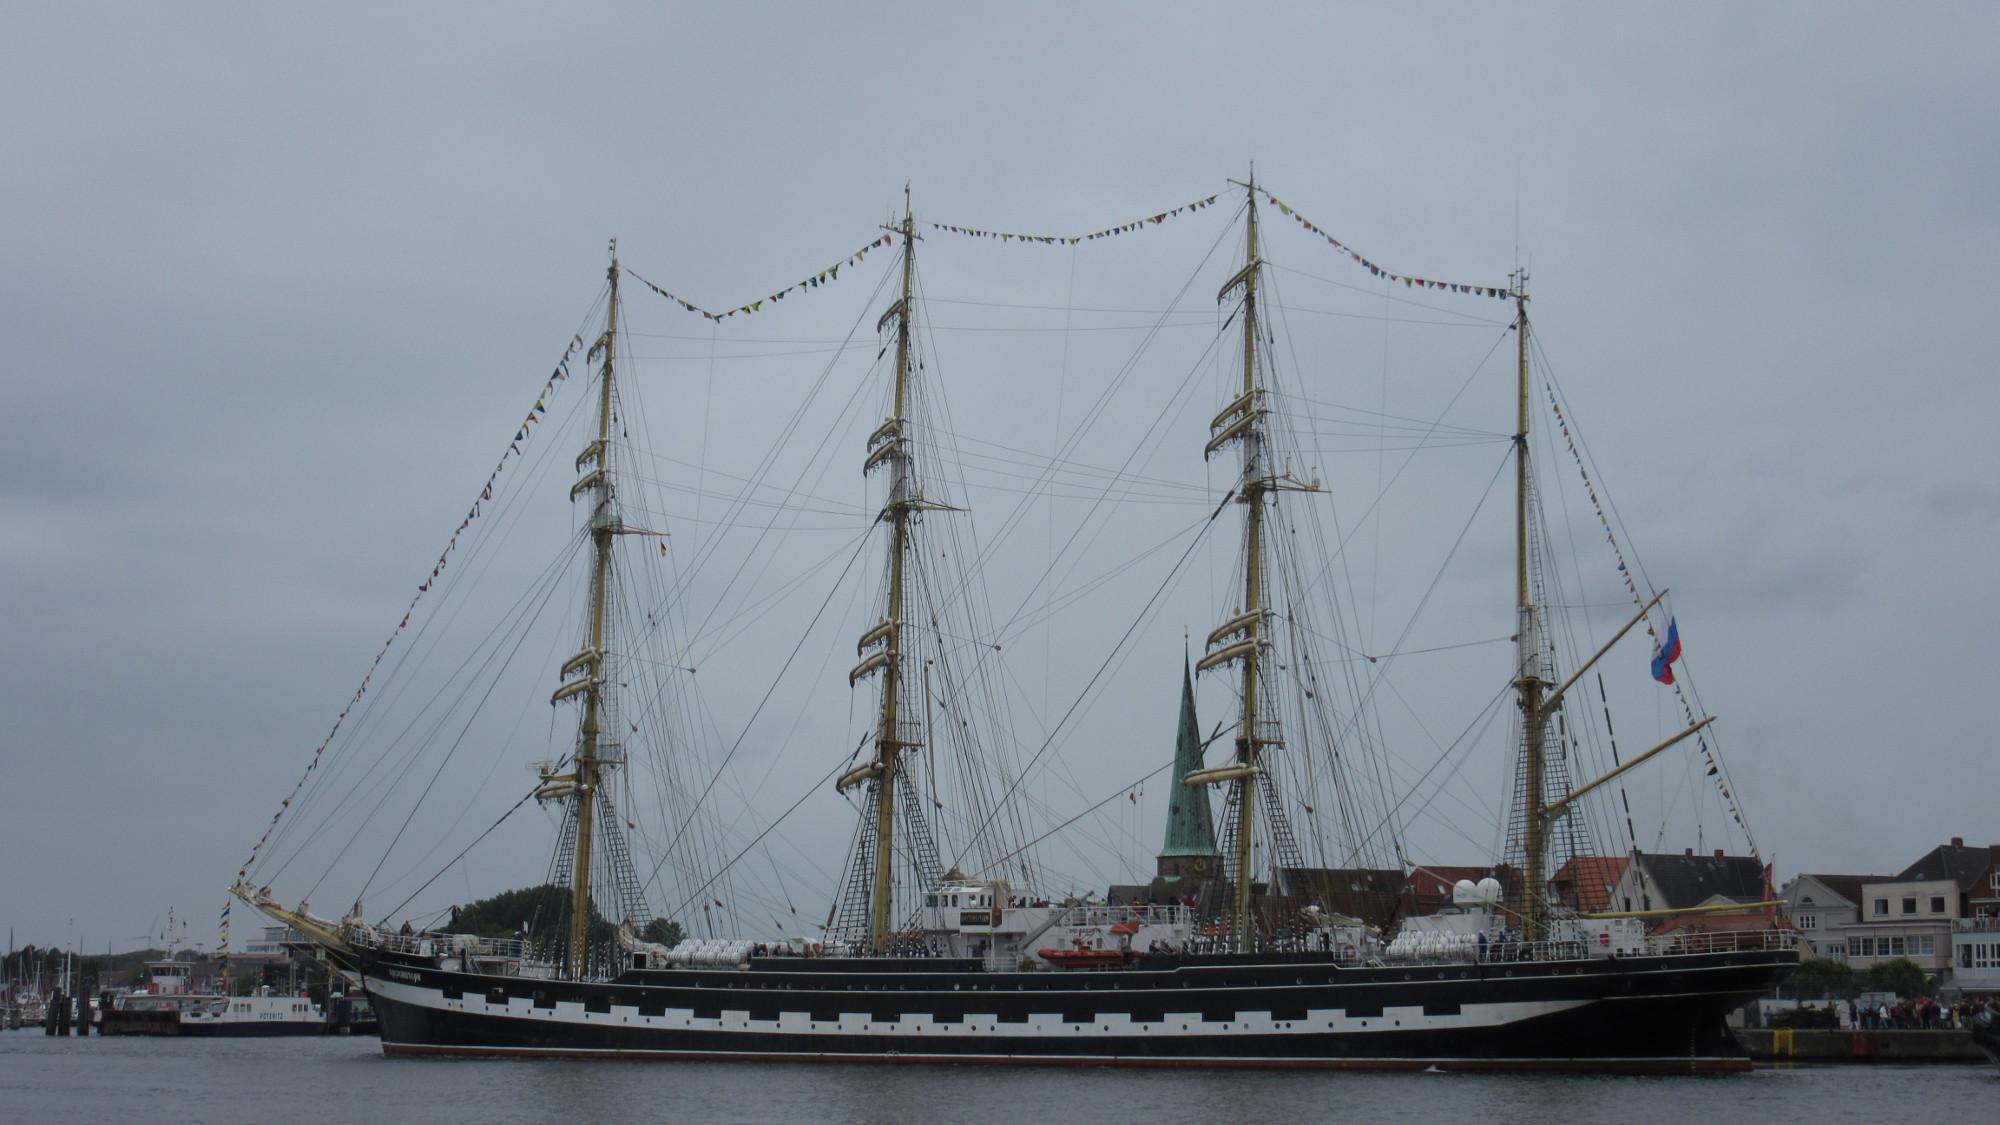 Das russische Segelschulschiff Kruzenshtern in Travemünde